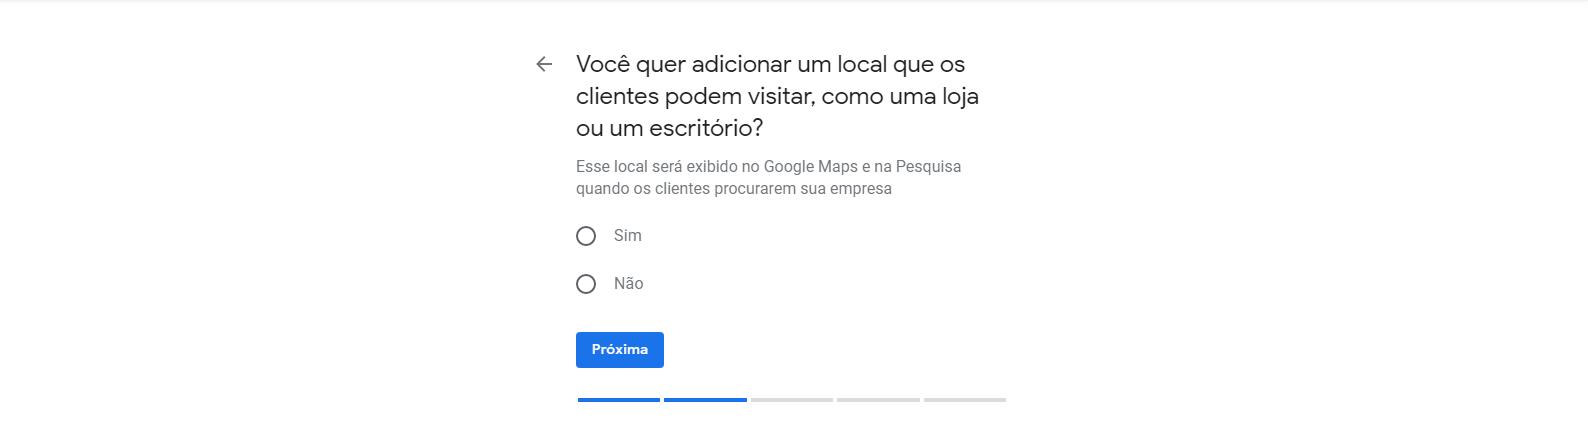 Quinto passo para cadastrar empresa no Google Meu Negócio. Nesta tela você determina se o seu local poderá ser visitado pelas pessoas.